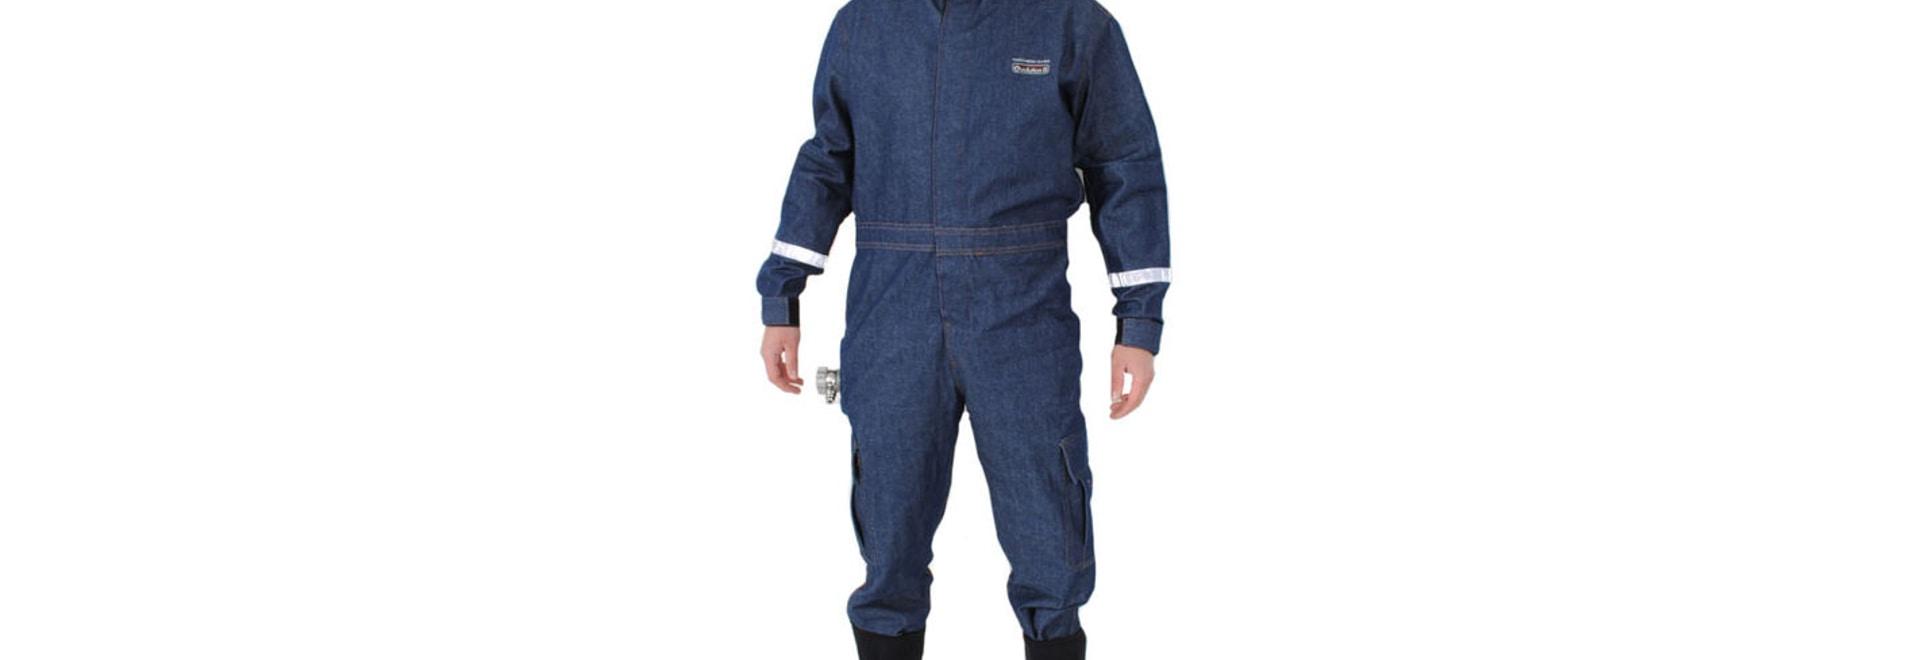 NOUVEAU : costume de plongée par le plongeur nordique (international)